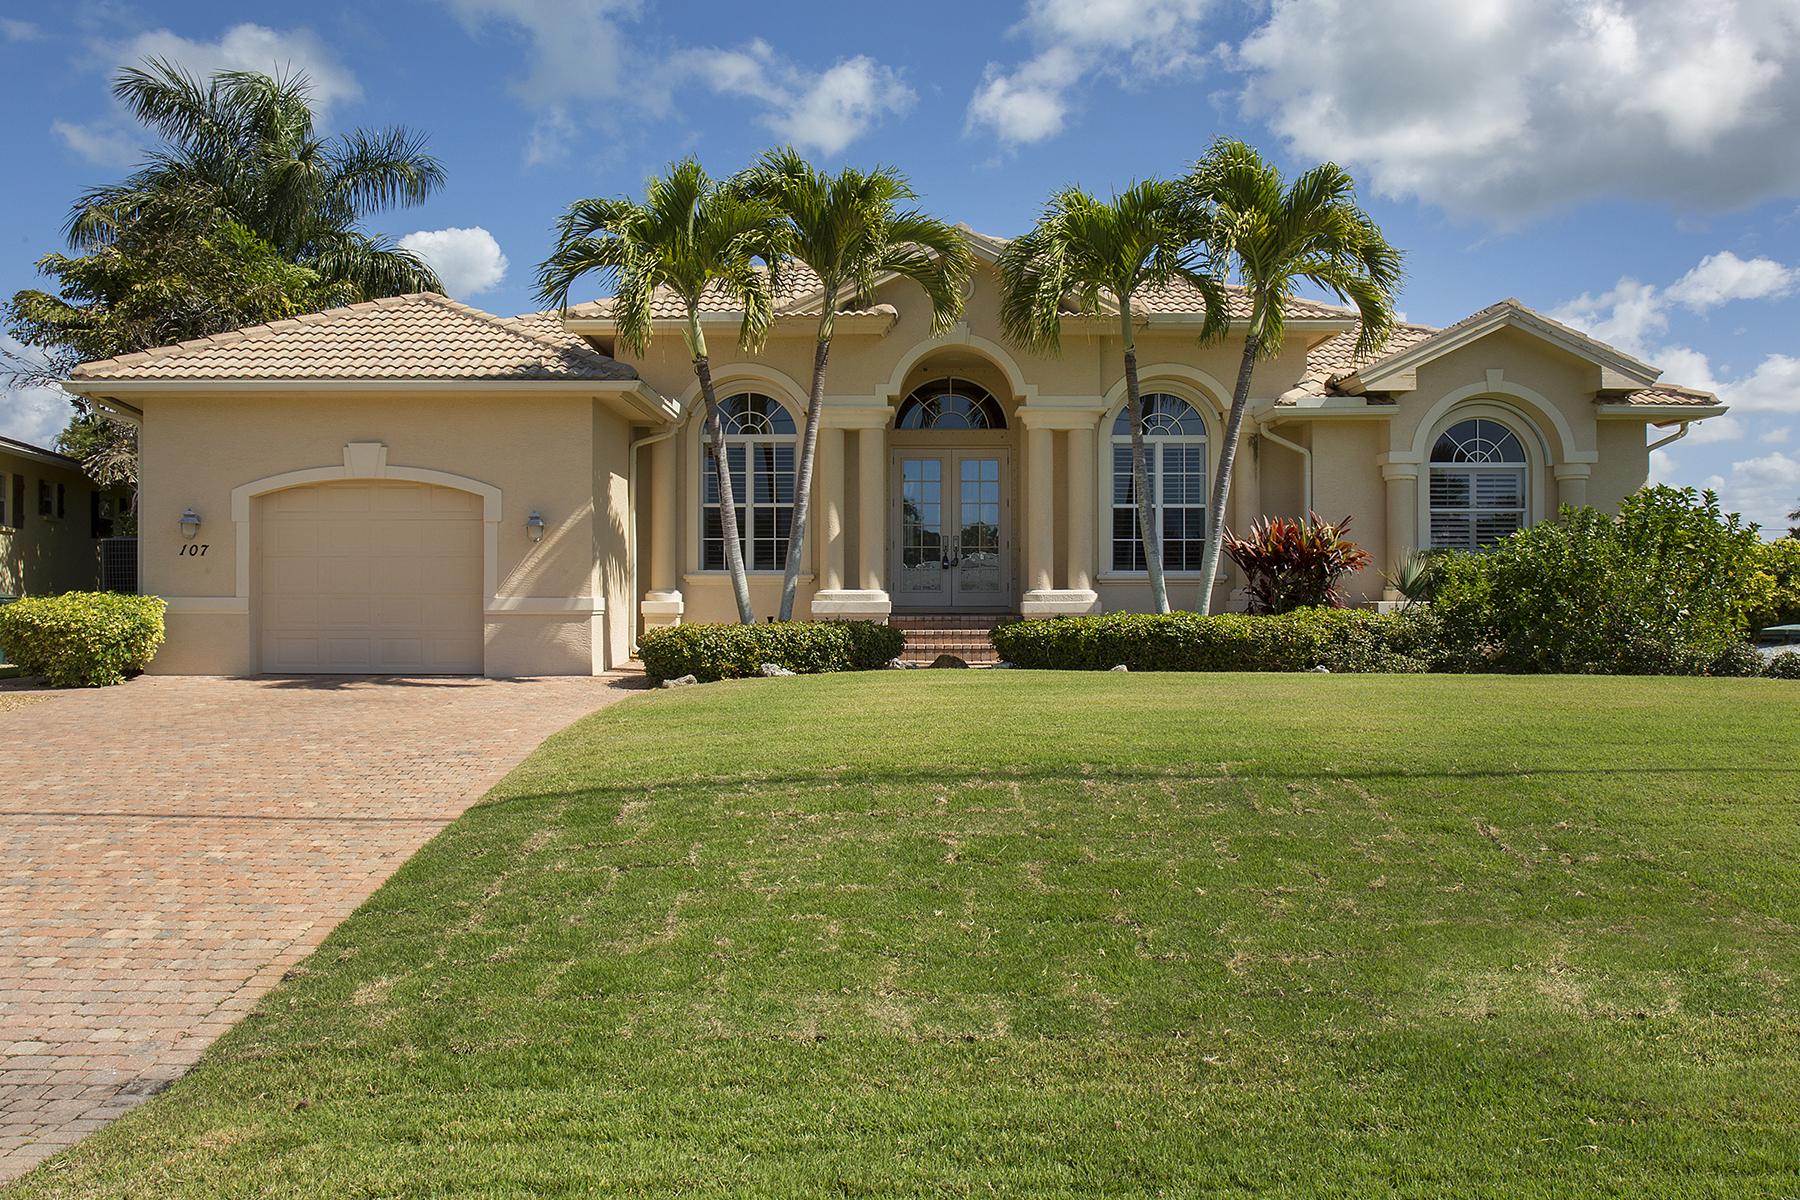 獨棟家庭住宅 為 出售 在 ISLES OF CAPRI 107 San Salvador St Naples, 佛羅里達州, 34113 美國